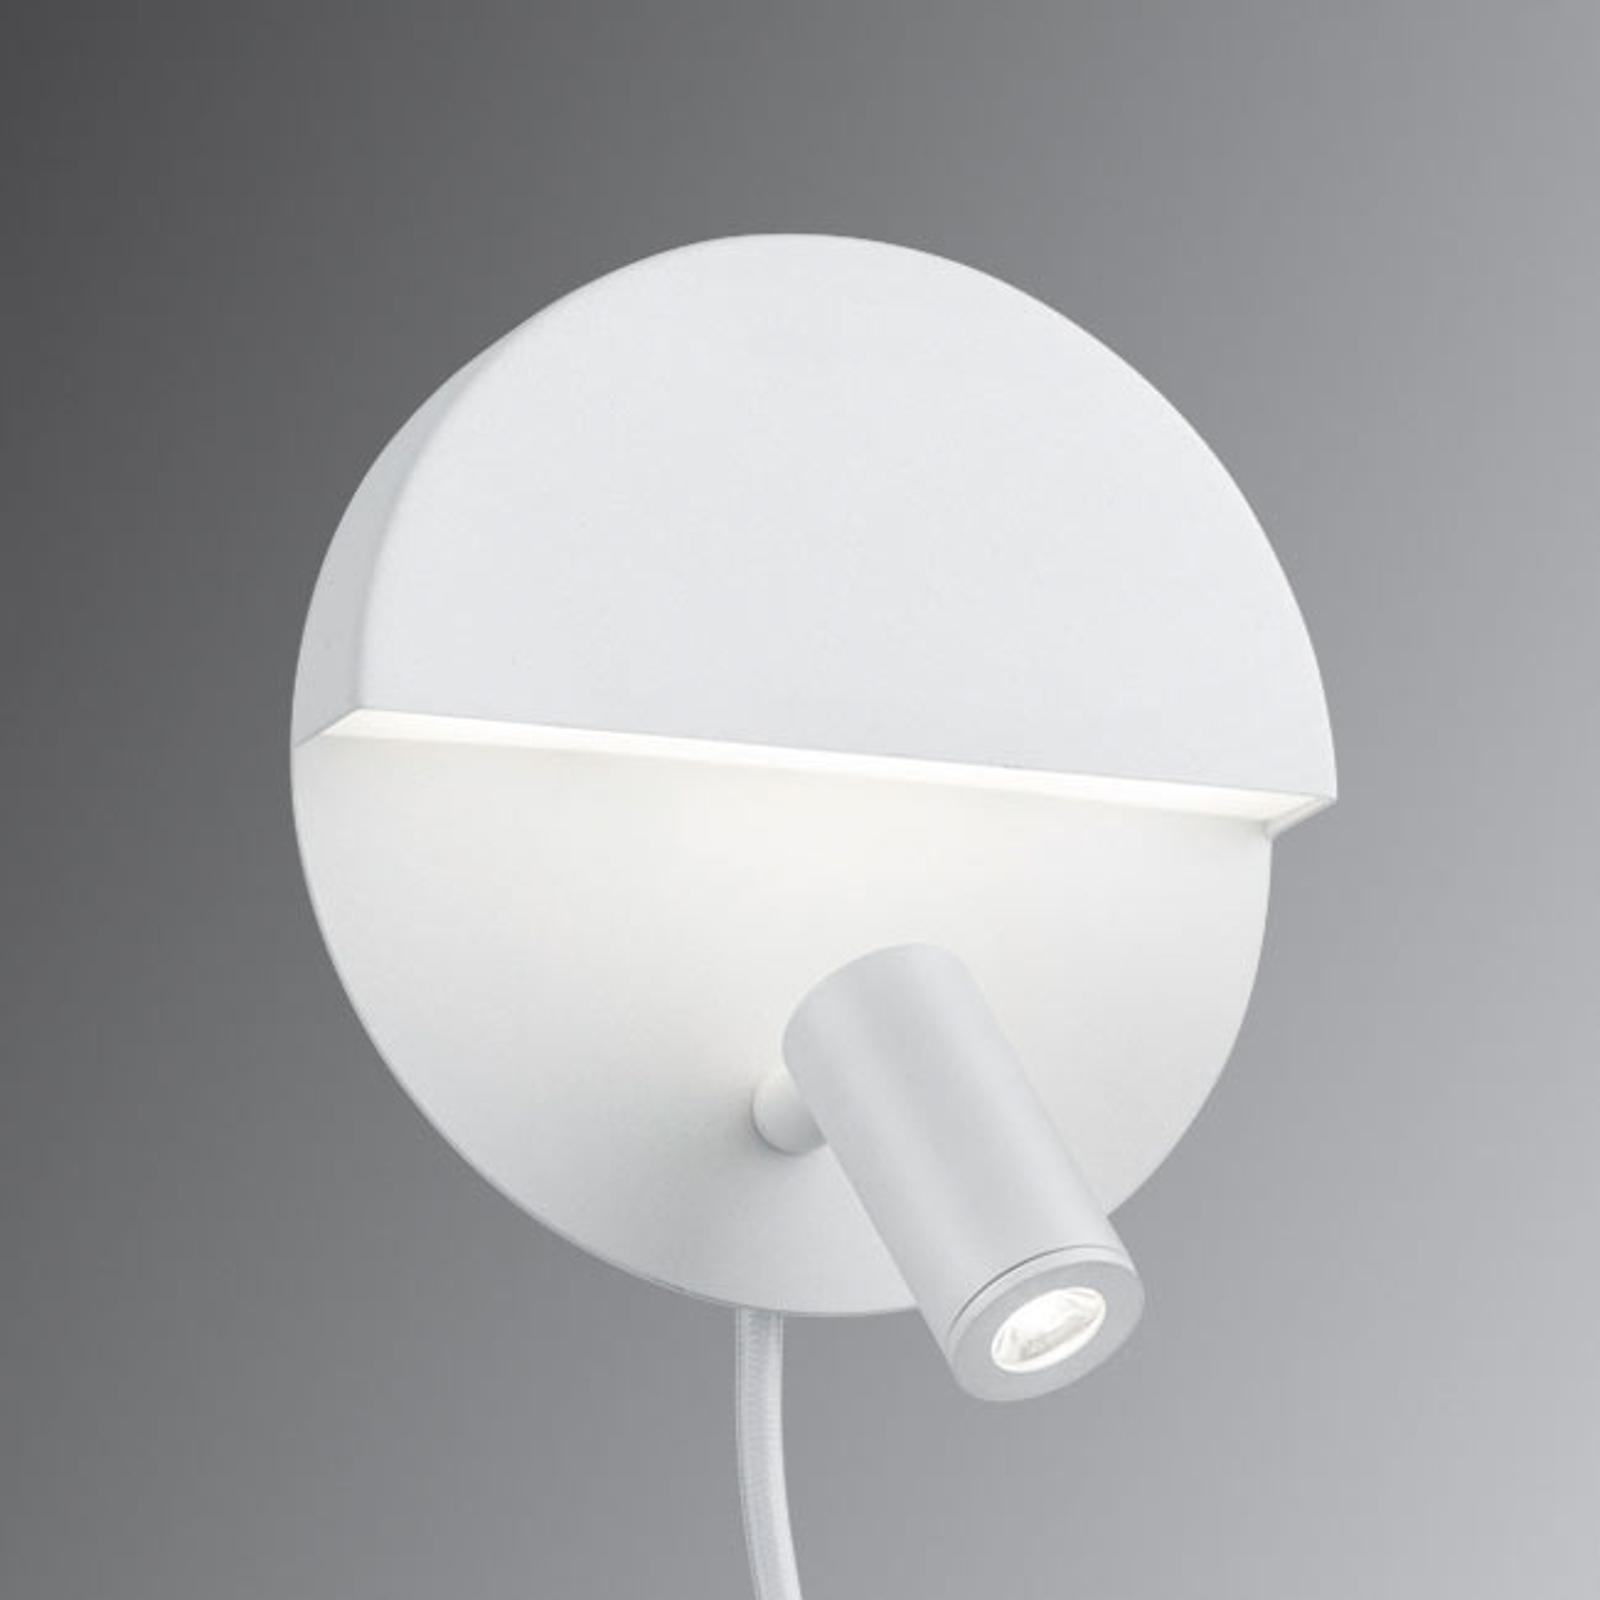 Functionele LED wandlamp Mario met 2 schakelaars